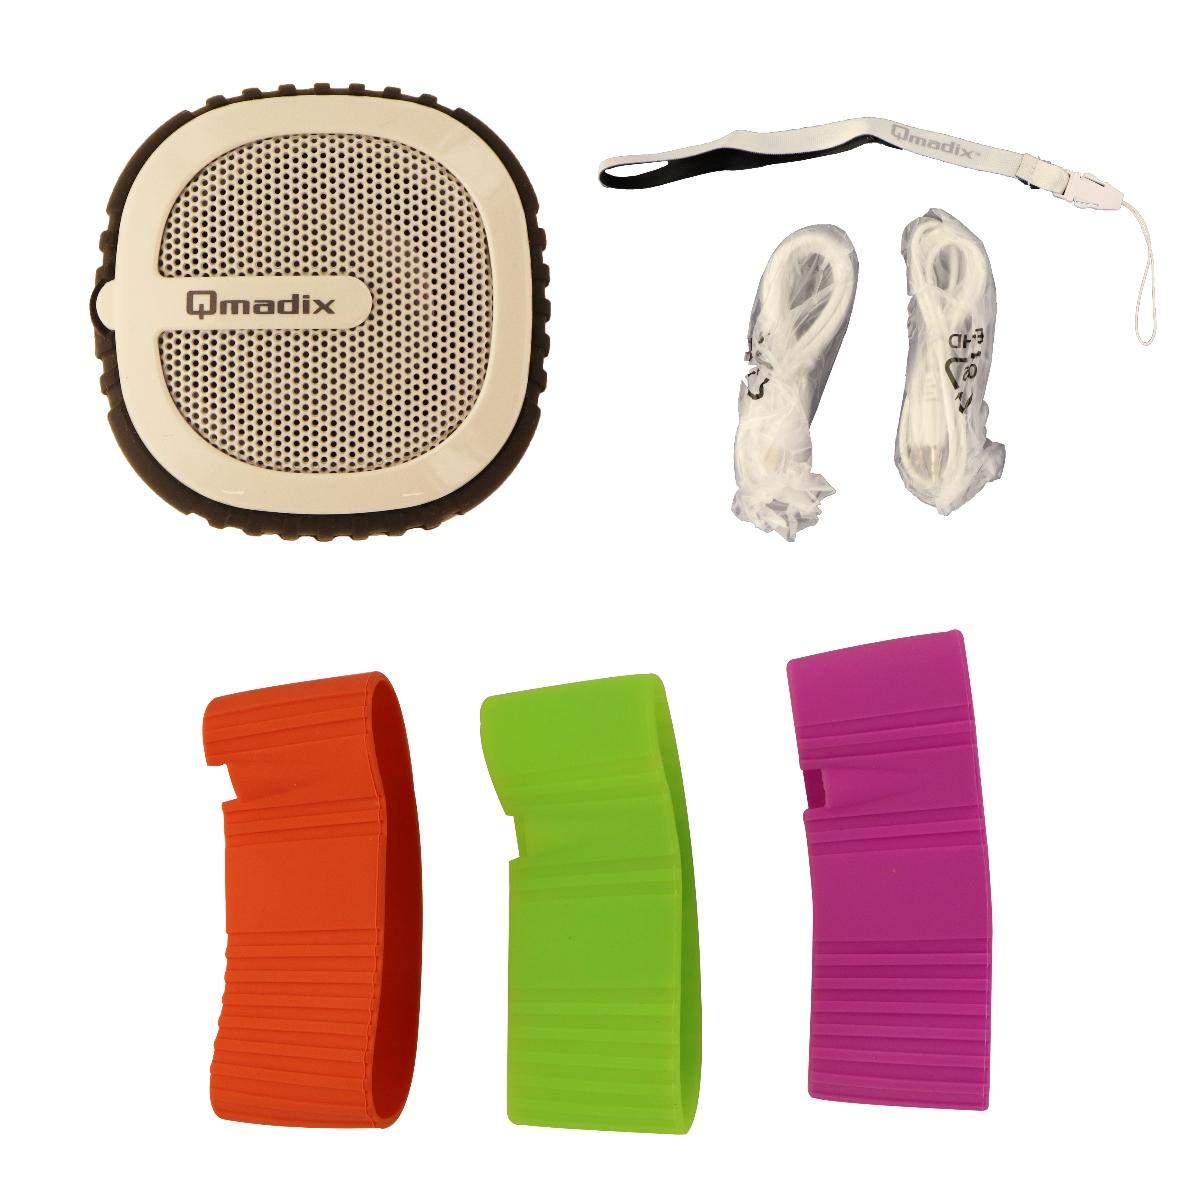 Qmadix Q-Pop Bluetooth Mini Wireless Speaker - White/Black/Purple/Green/Red